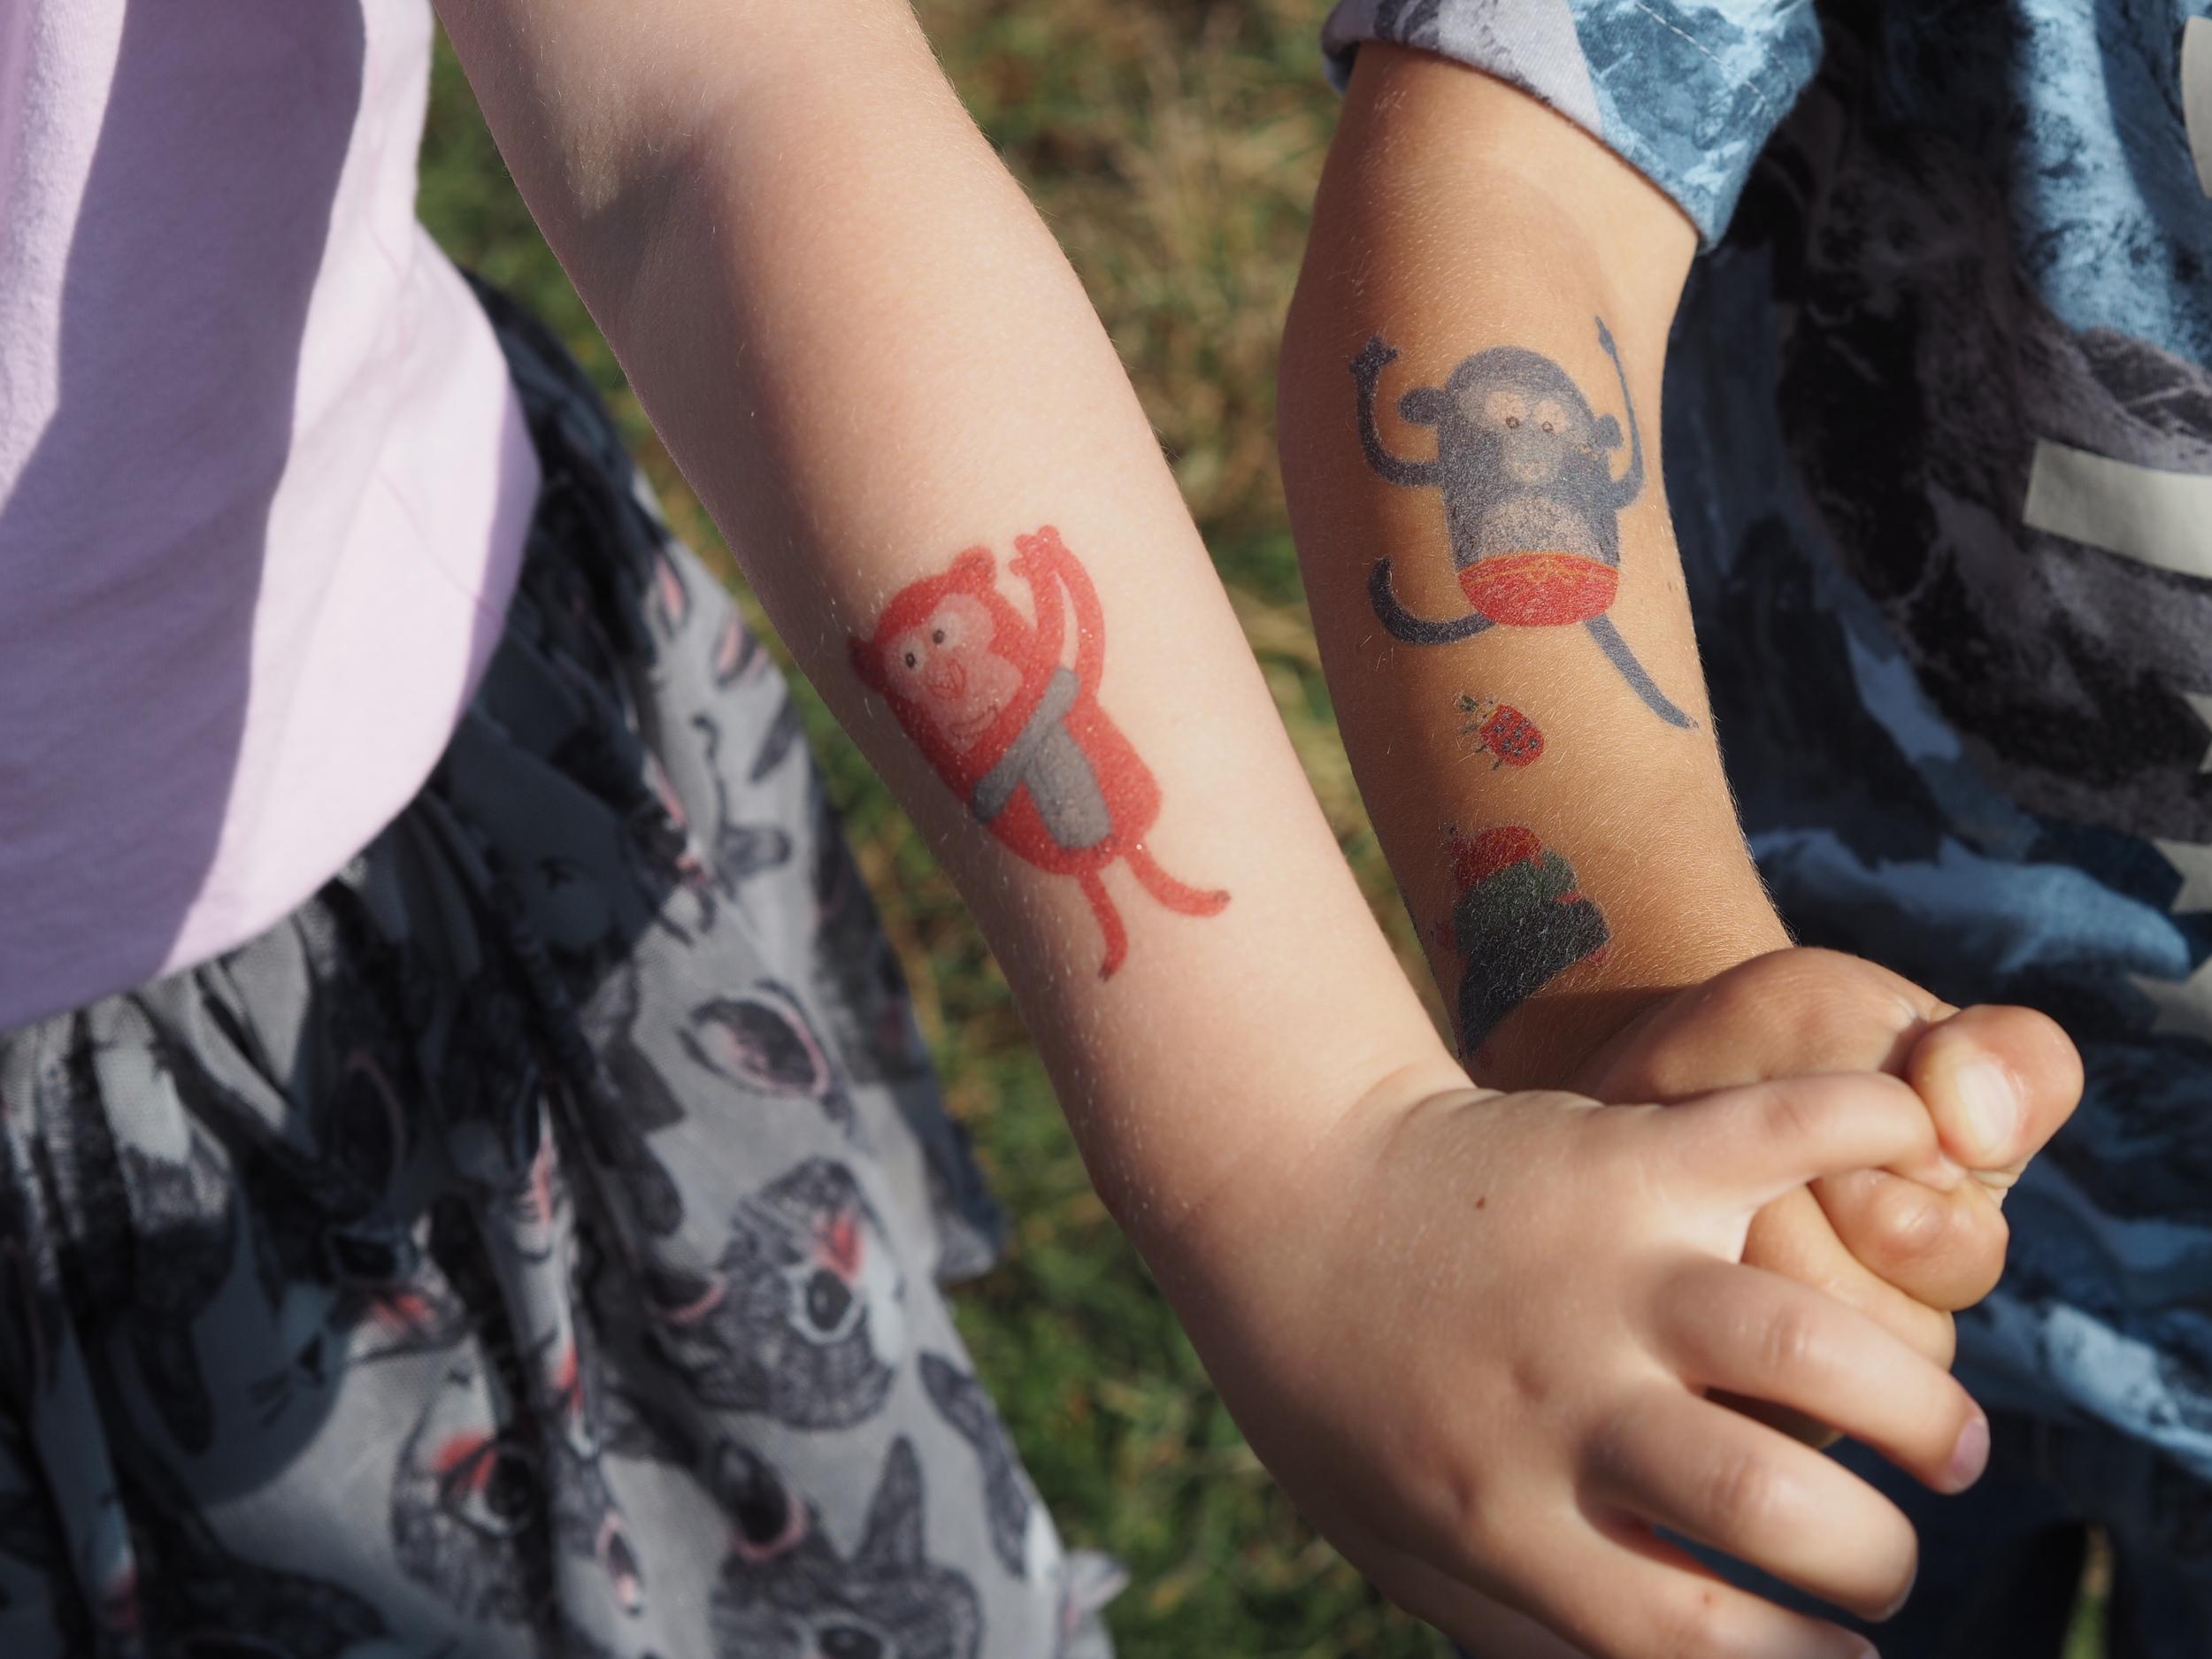 Dokonalé Djeco tetovačky z Jinohrátek, jak jinak :-) pokud se vám líbí, klik   ZDE  .